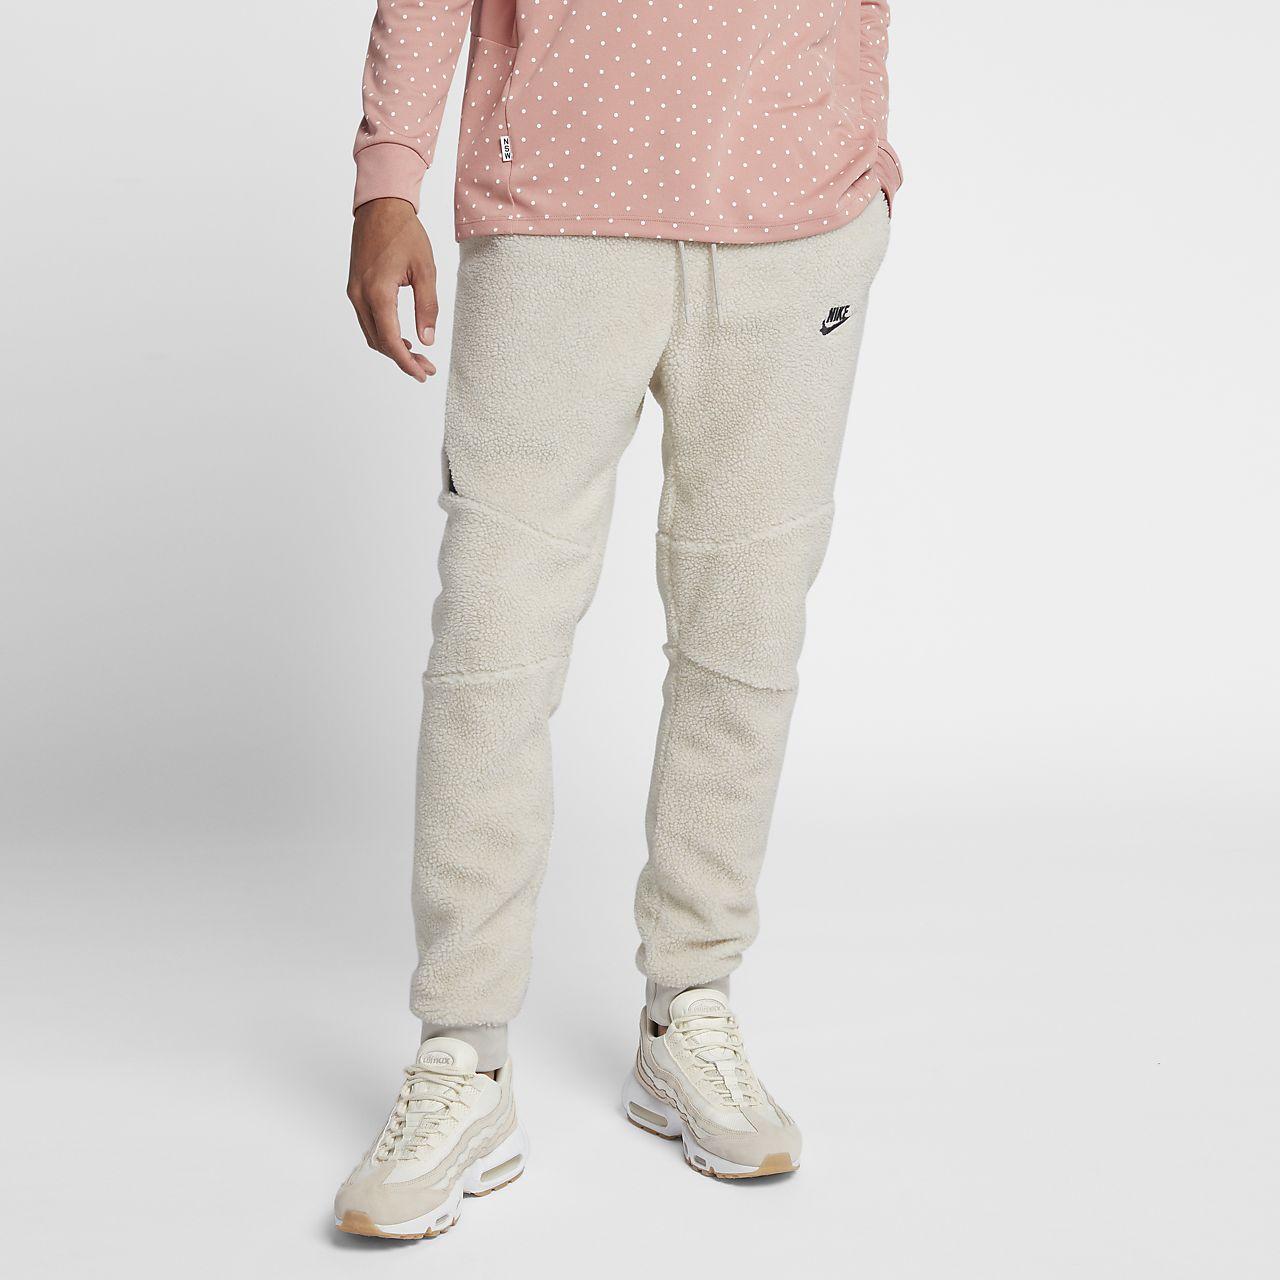 77efcf282051 Pánské běžecké kalhoty Nike Sportswear Tech Fleece Icon Sherpa. Nike ...